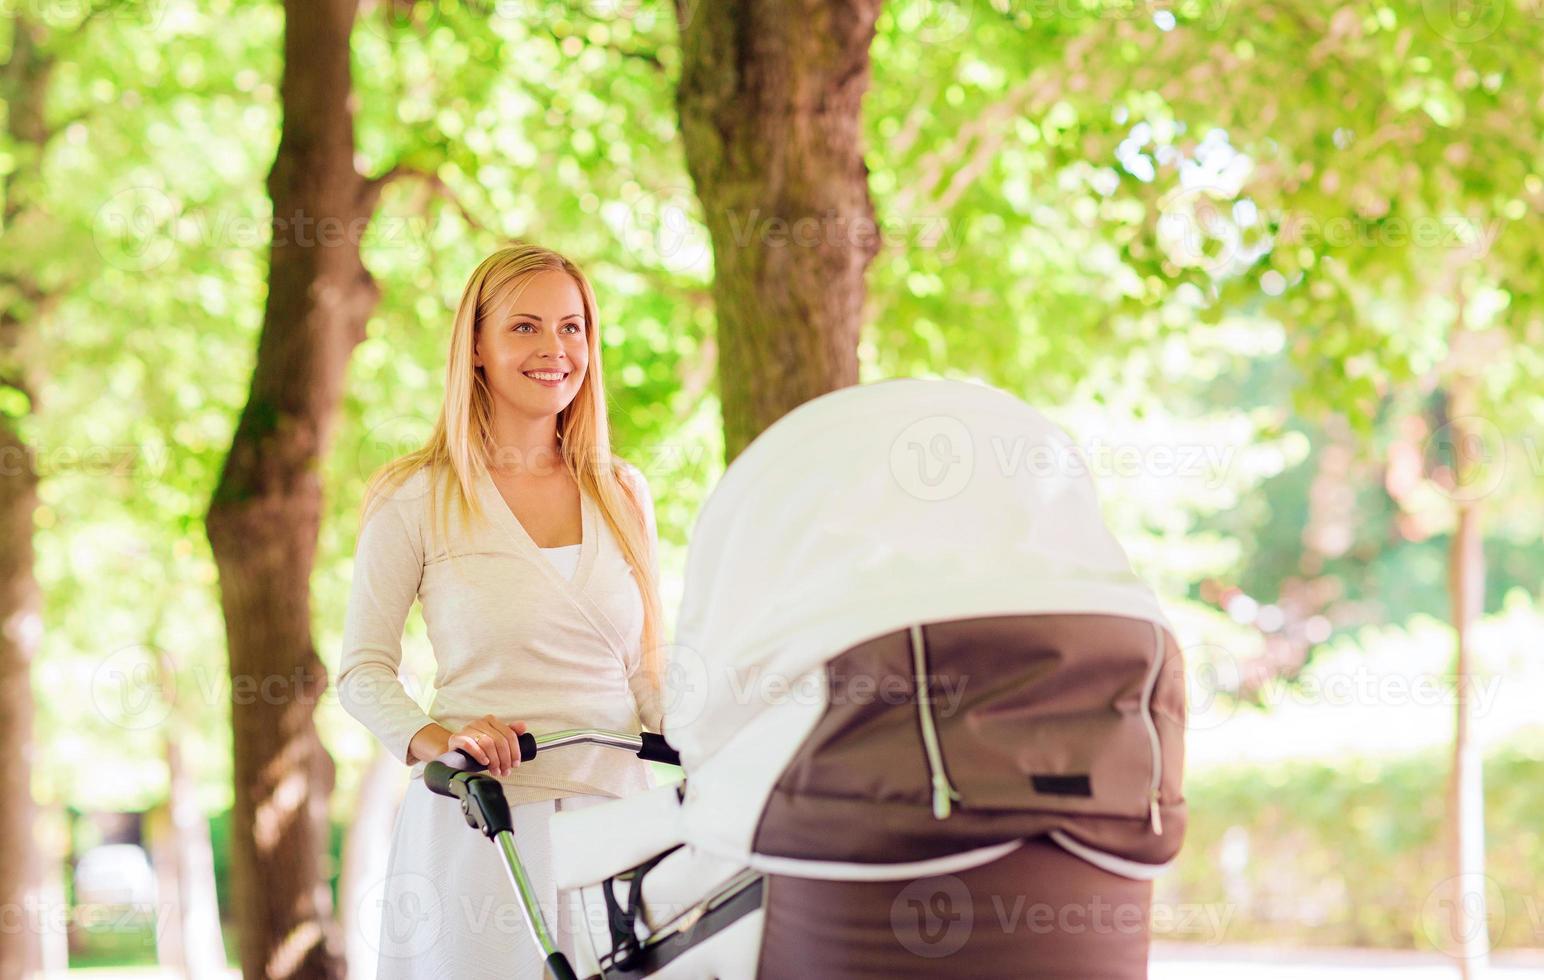 glückliche Mutter mit Kinderwagen im Park foto